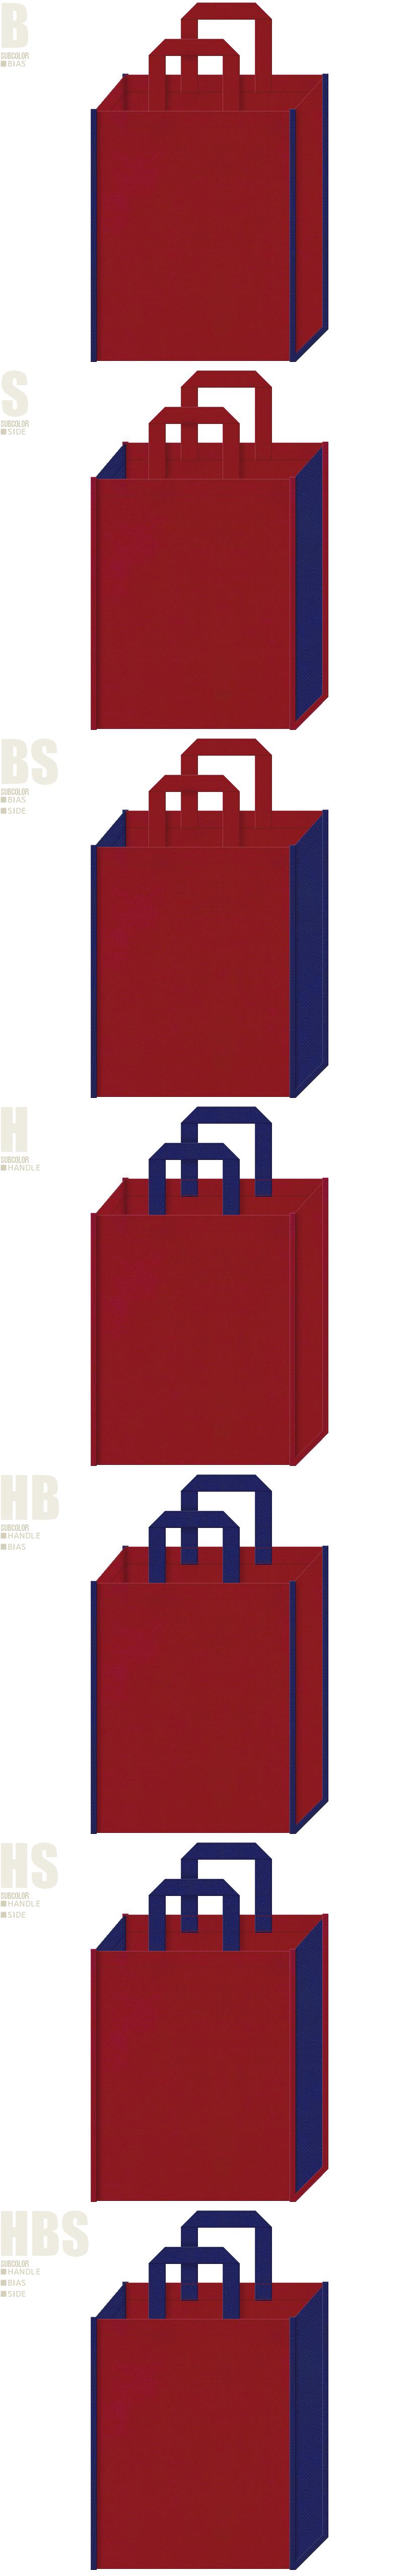 デニム・カジュアル衣料・アウトレットのショッピングバッグにお奨めの不織布バッグデザイン:エンジ色と明るい紺色の配色7パターン